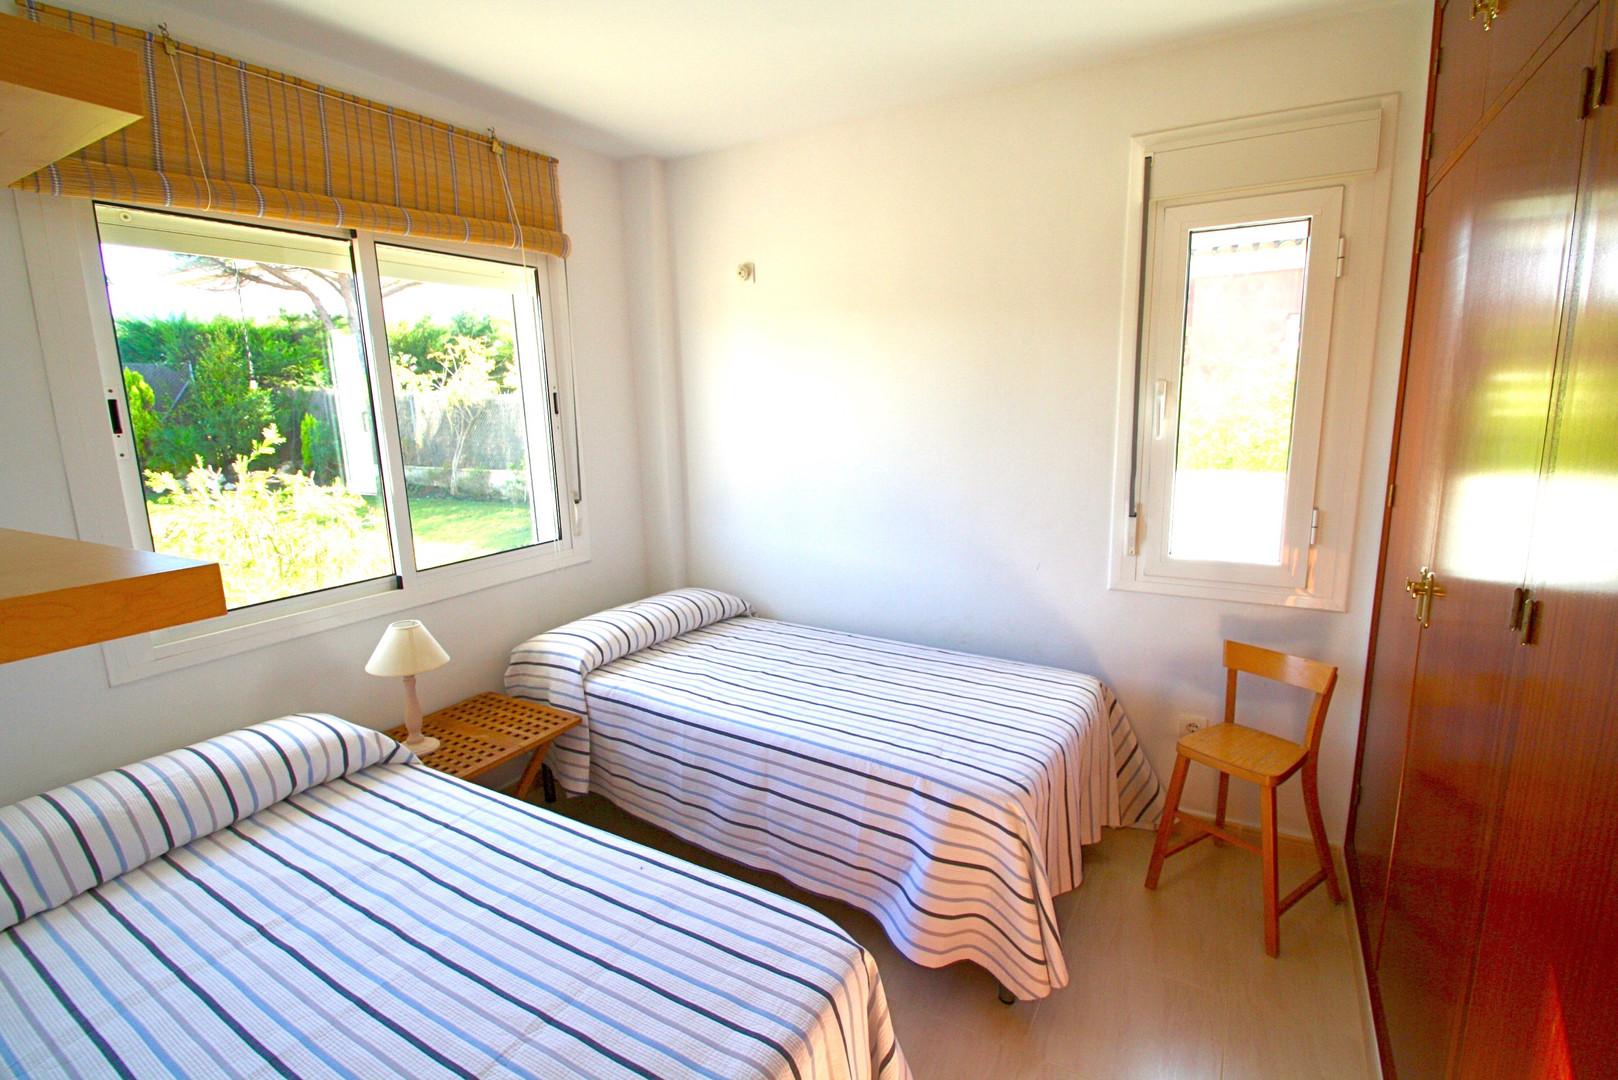 Dormitorio con vistas a la piscina